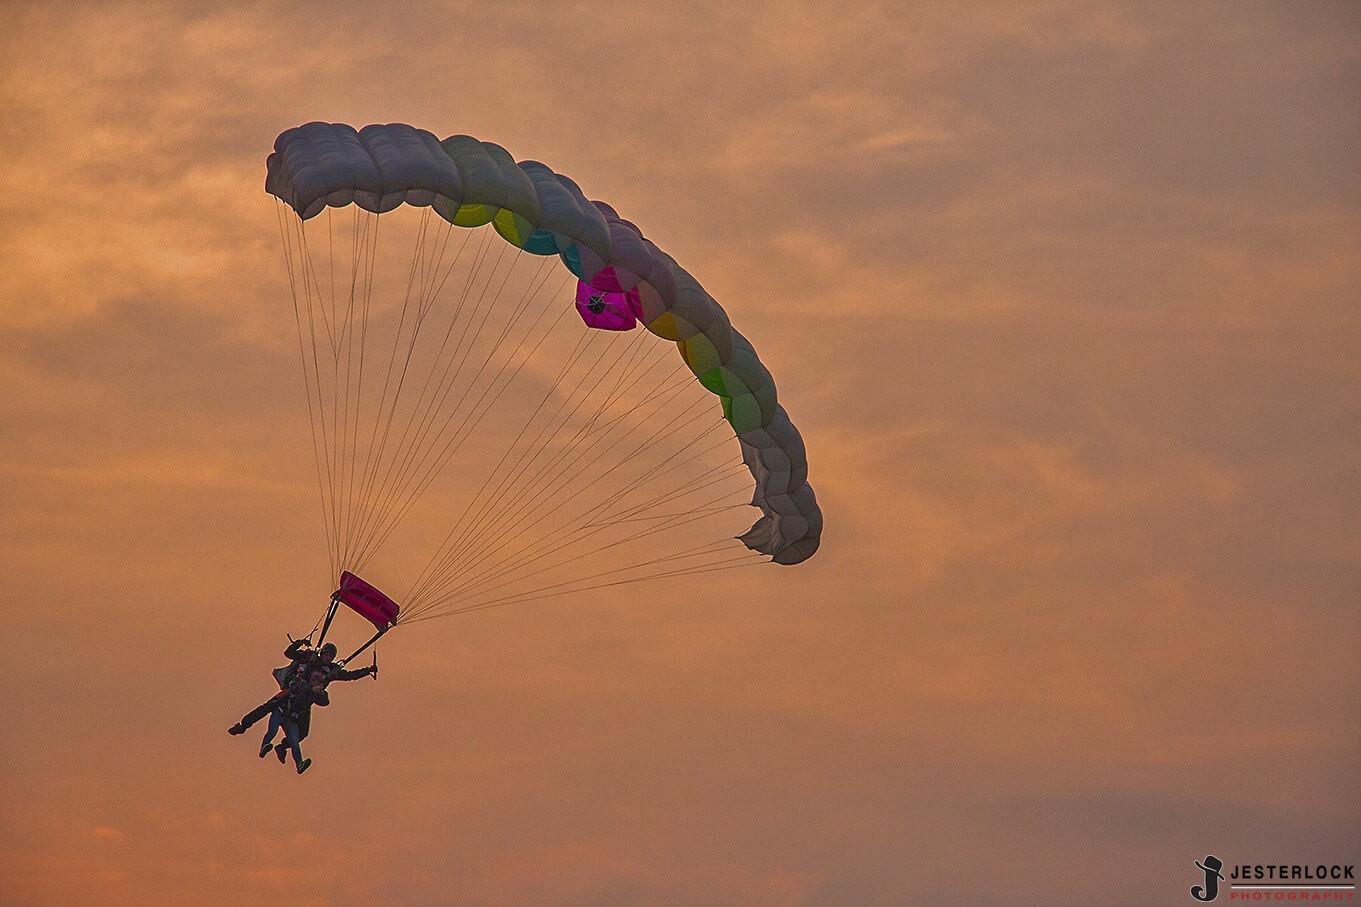 Lancio in Tandem Paracadutismo a Garzigliana (TO)